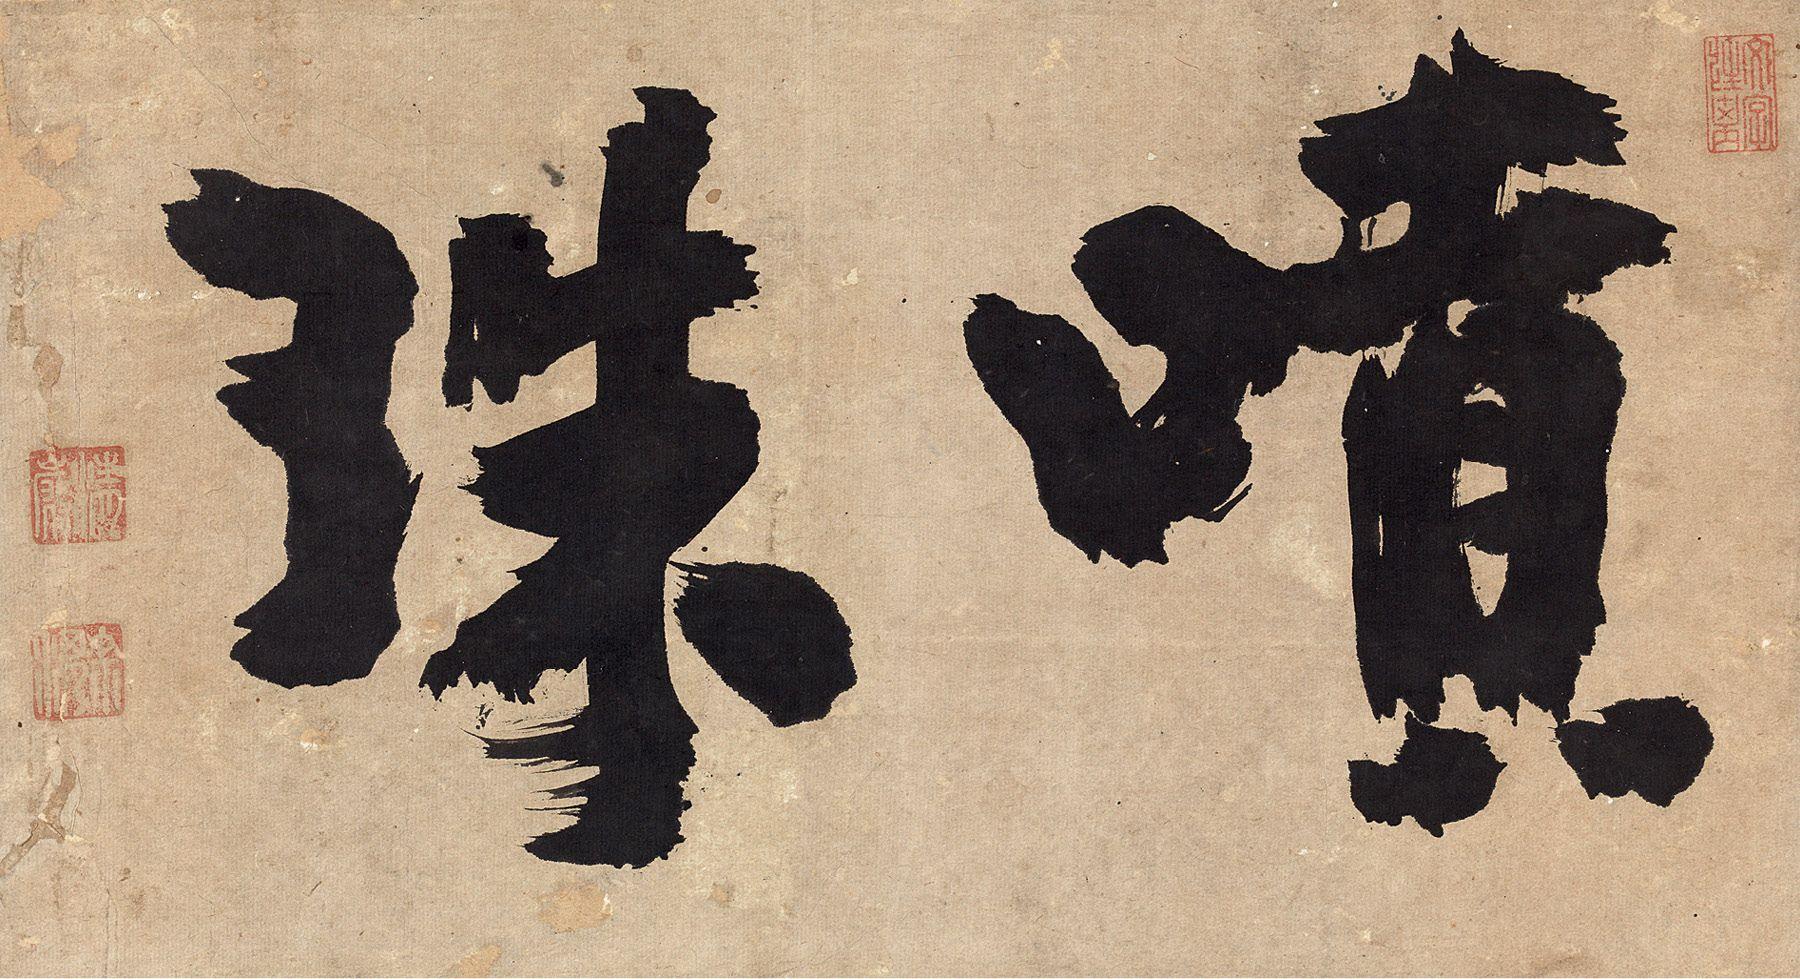 清巌宗渭 ; 1588年から1661年) | Art, Asian art, Caligraphy